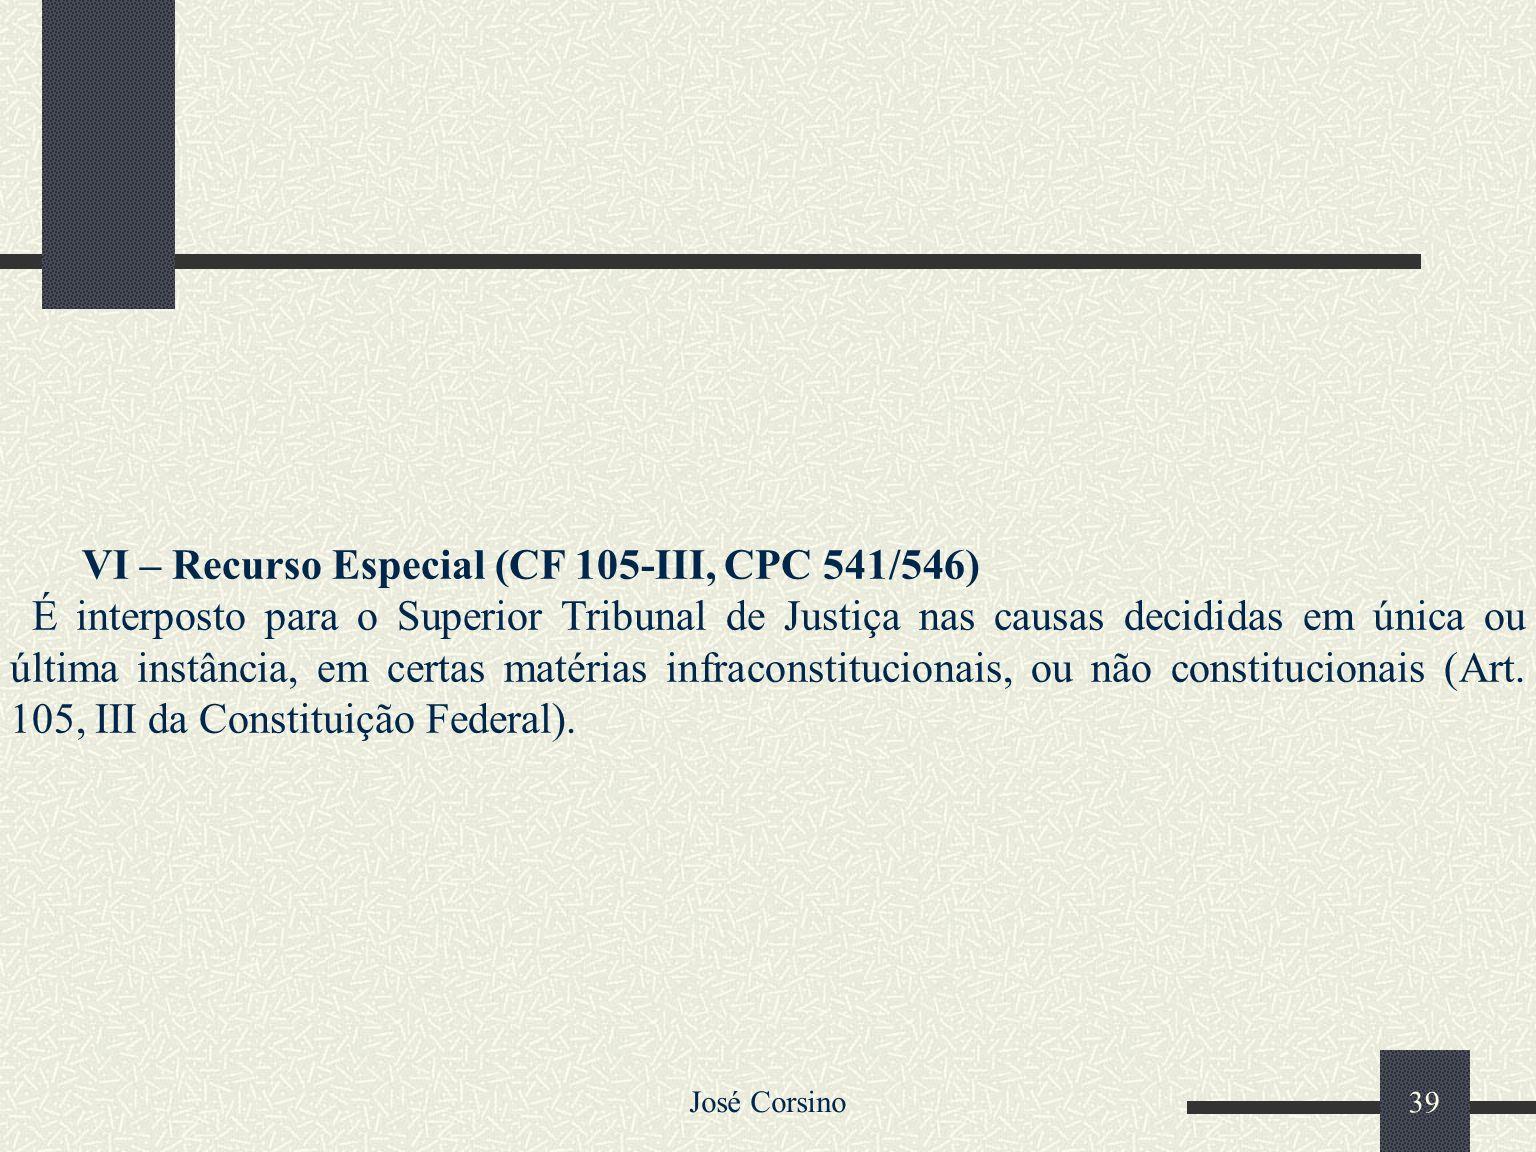 VI – Recurso Especial (CF 105-III, CPC 541/546)